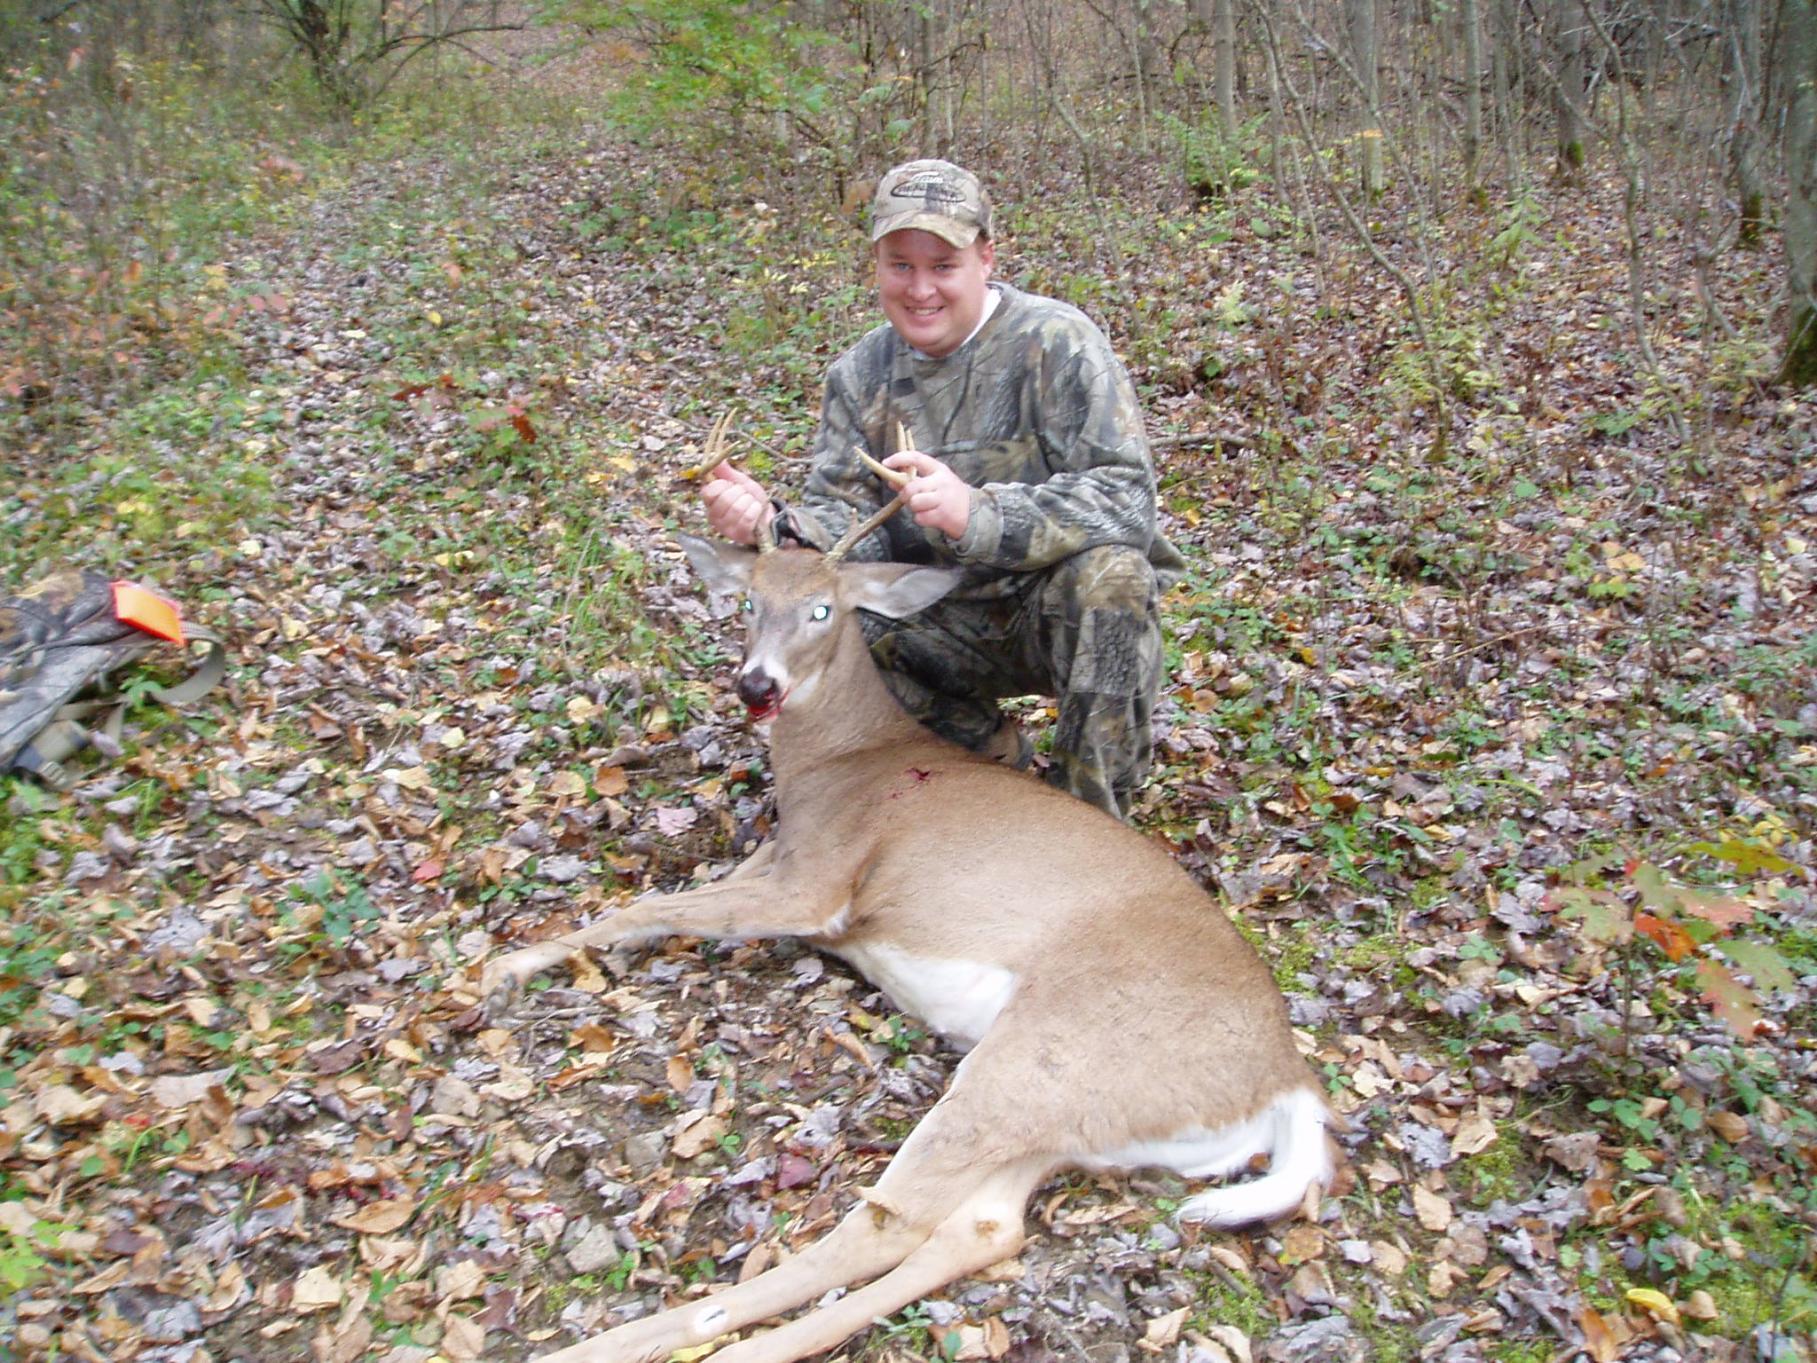 deer-deer-10182011-002.jpg